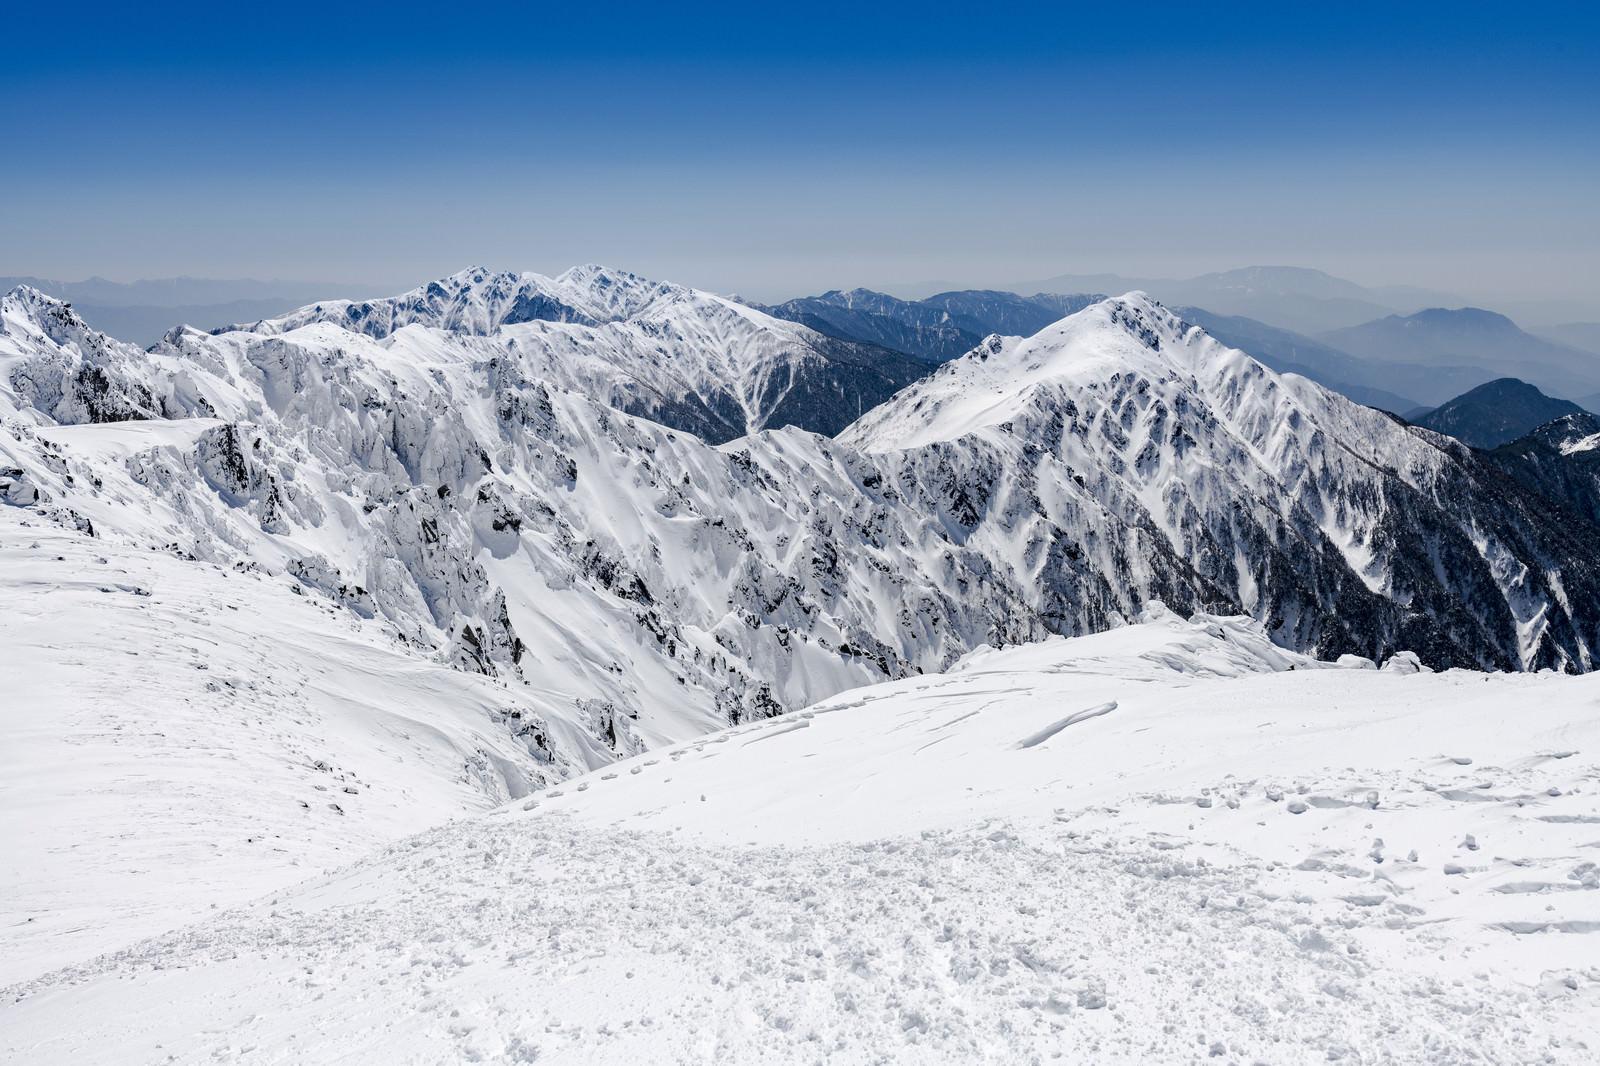 「積雪する中央アルプスの稜線」の写真